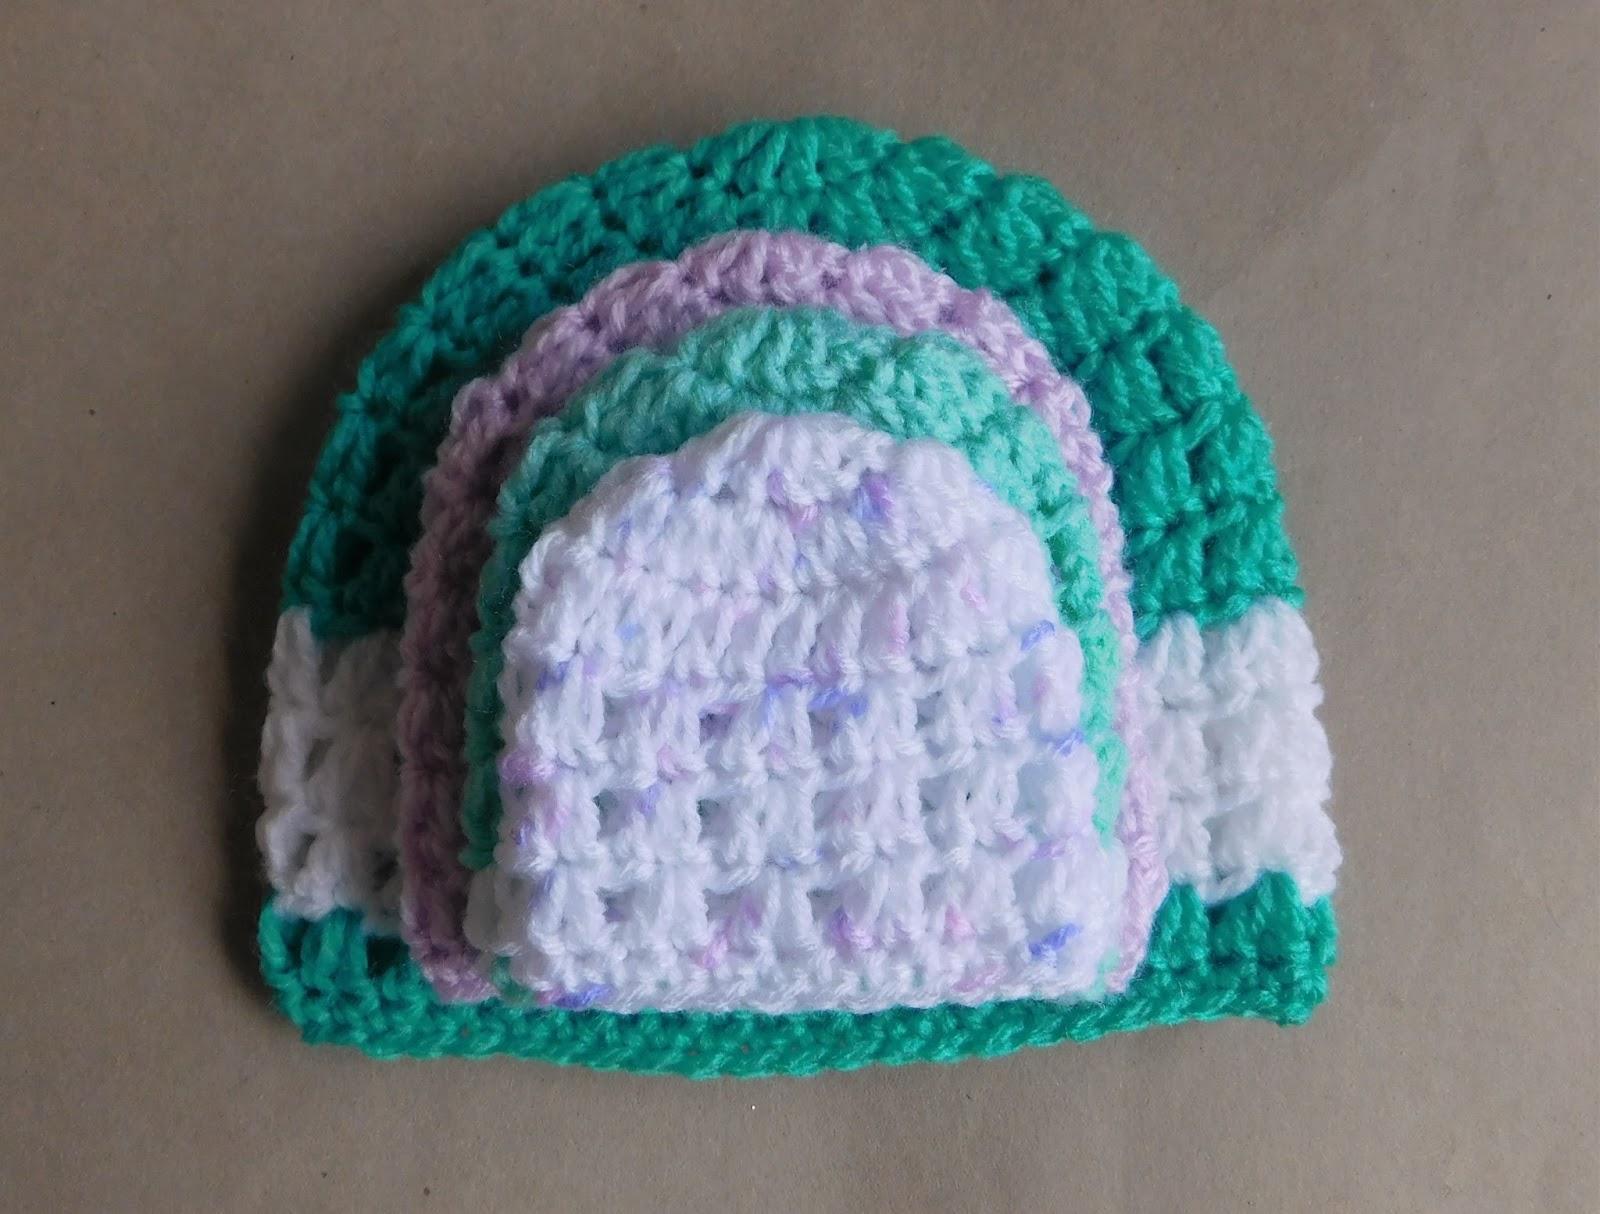 Daisy Crochet Baby Hat Pattern : mariannas lazy daisy days: Valerie - Crochet Baby Hat